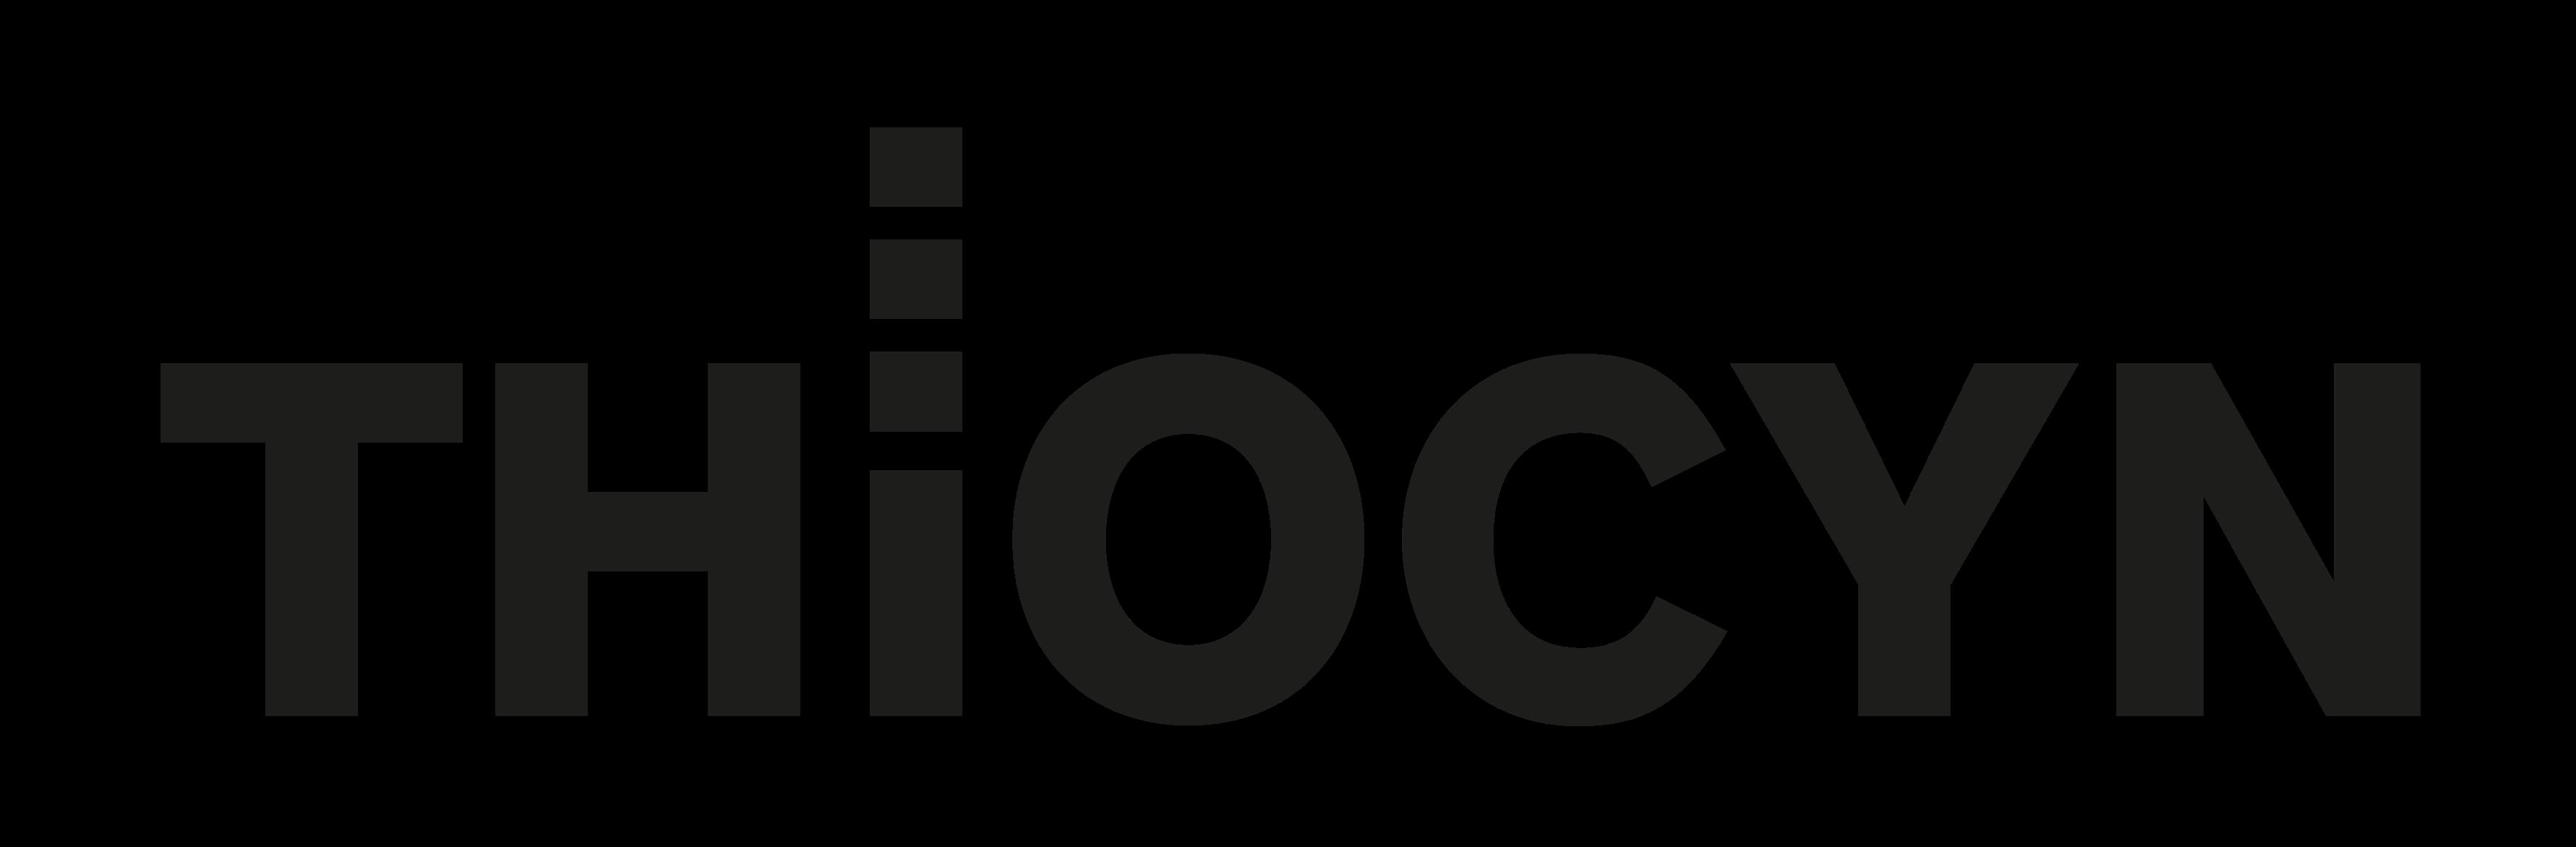 Thiocyn GmbH